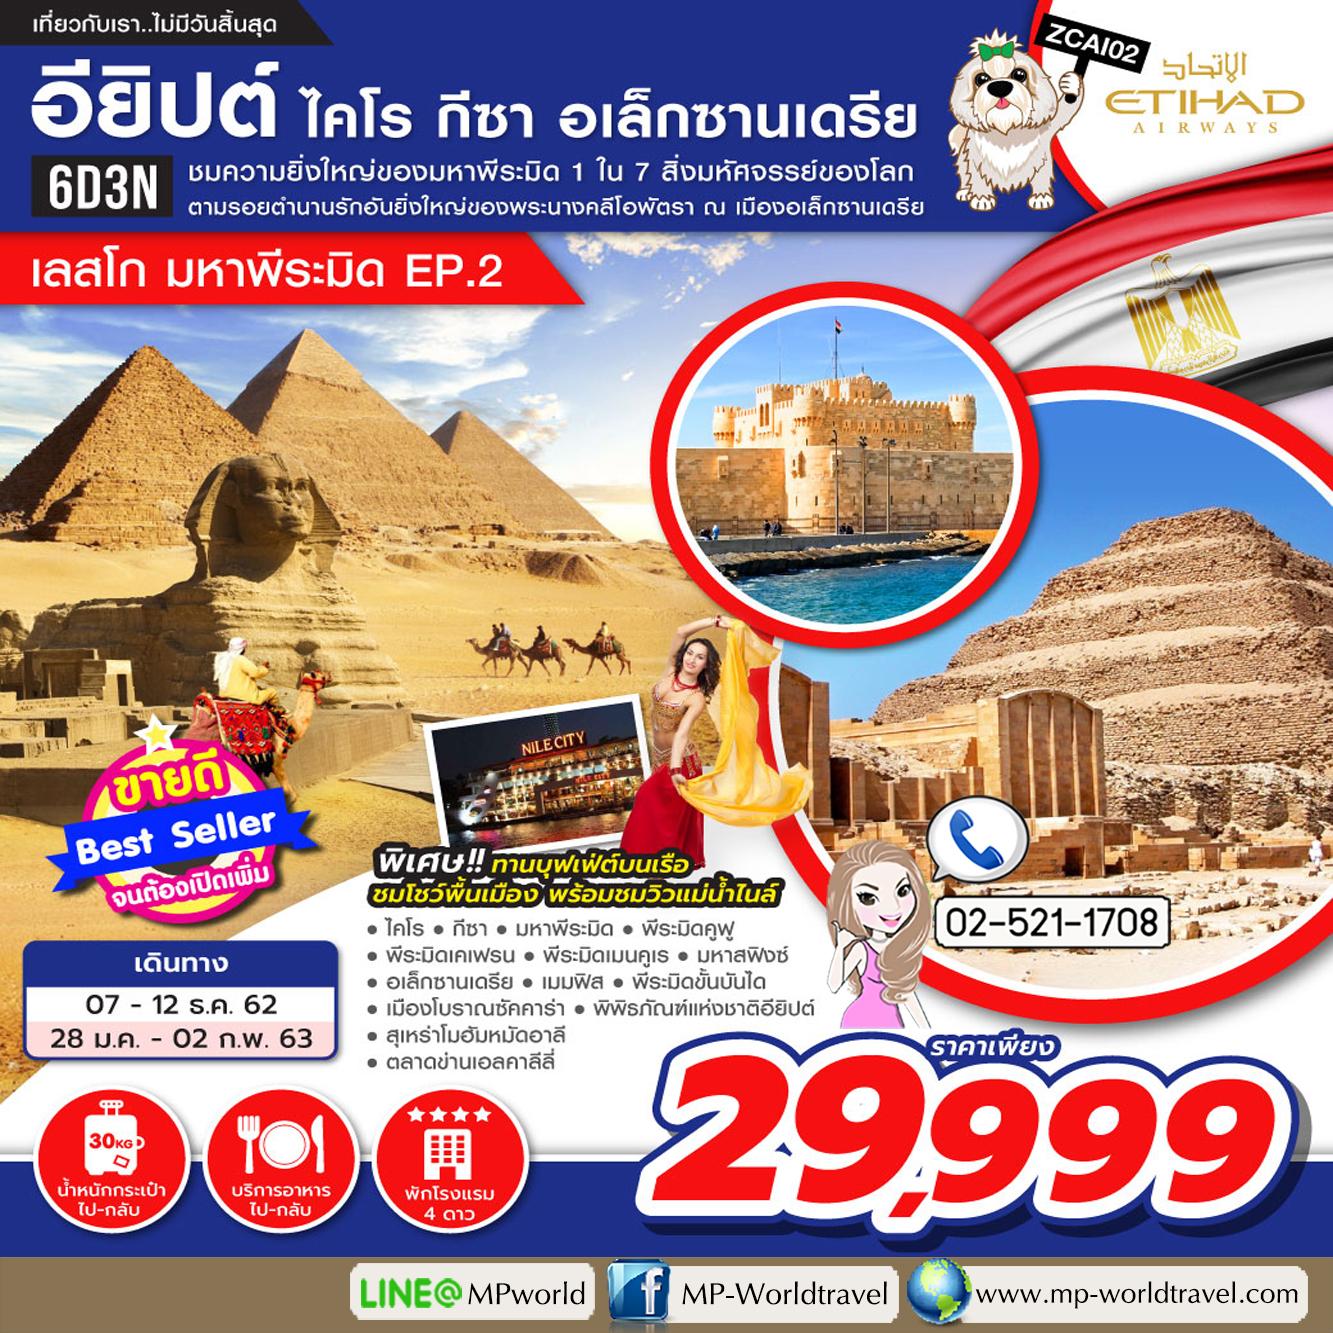 ทัวร์อียิปต์ ZCAI02 อียิปต์ ไคโร อเล็กซานเดรีย [เลสโก มหาพีระมิด EP2] 6D 3N EY